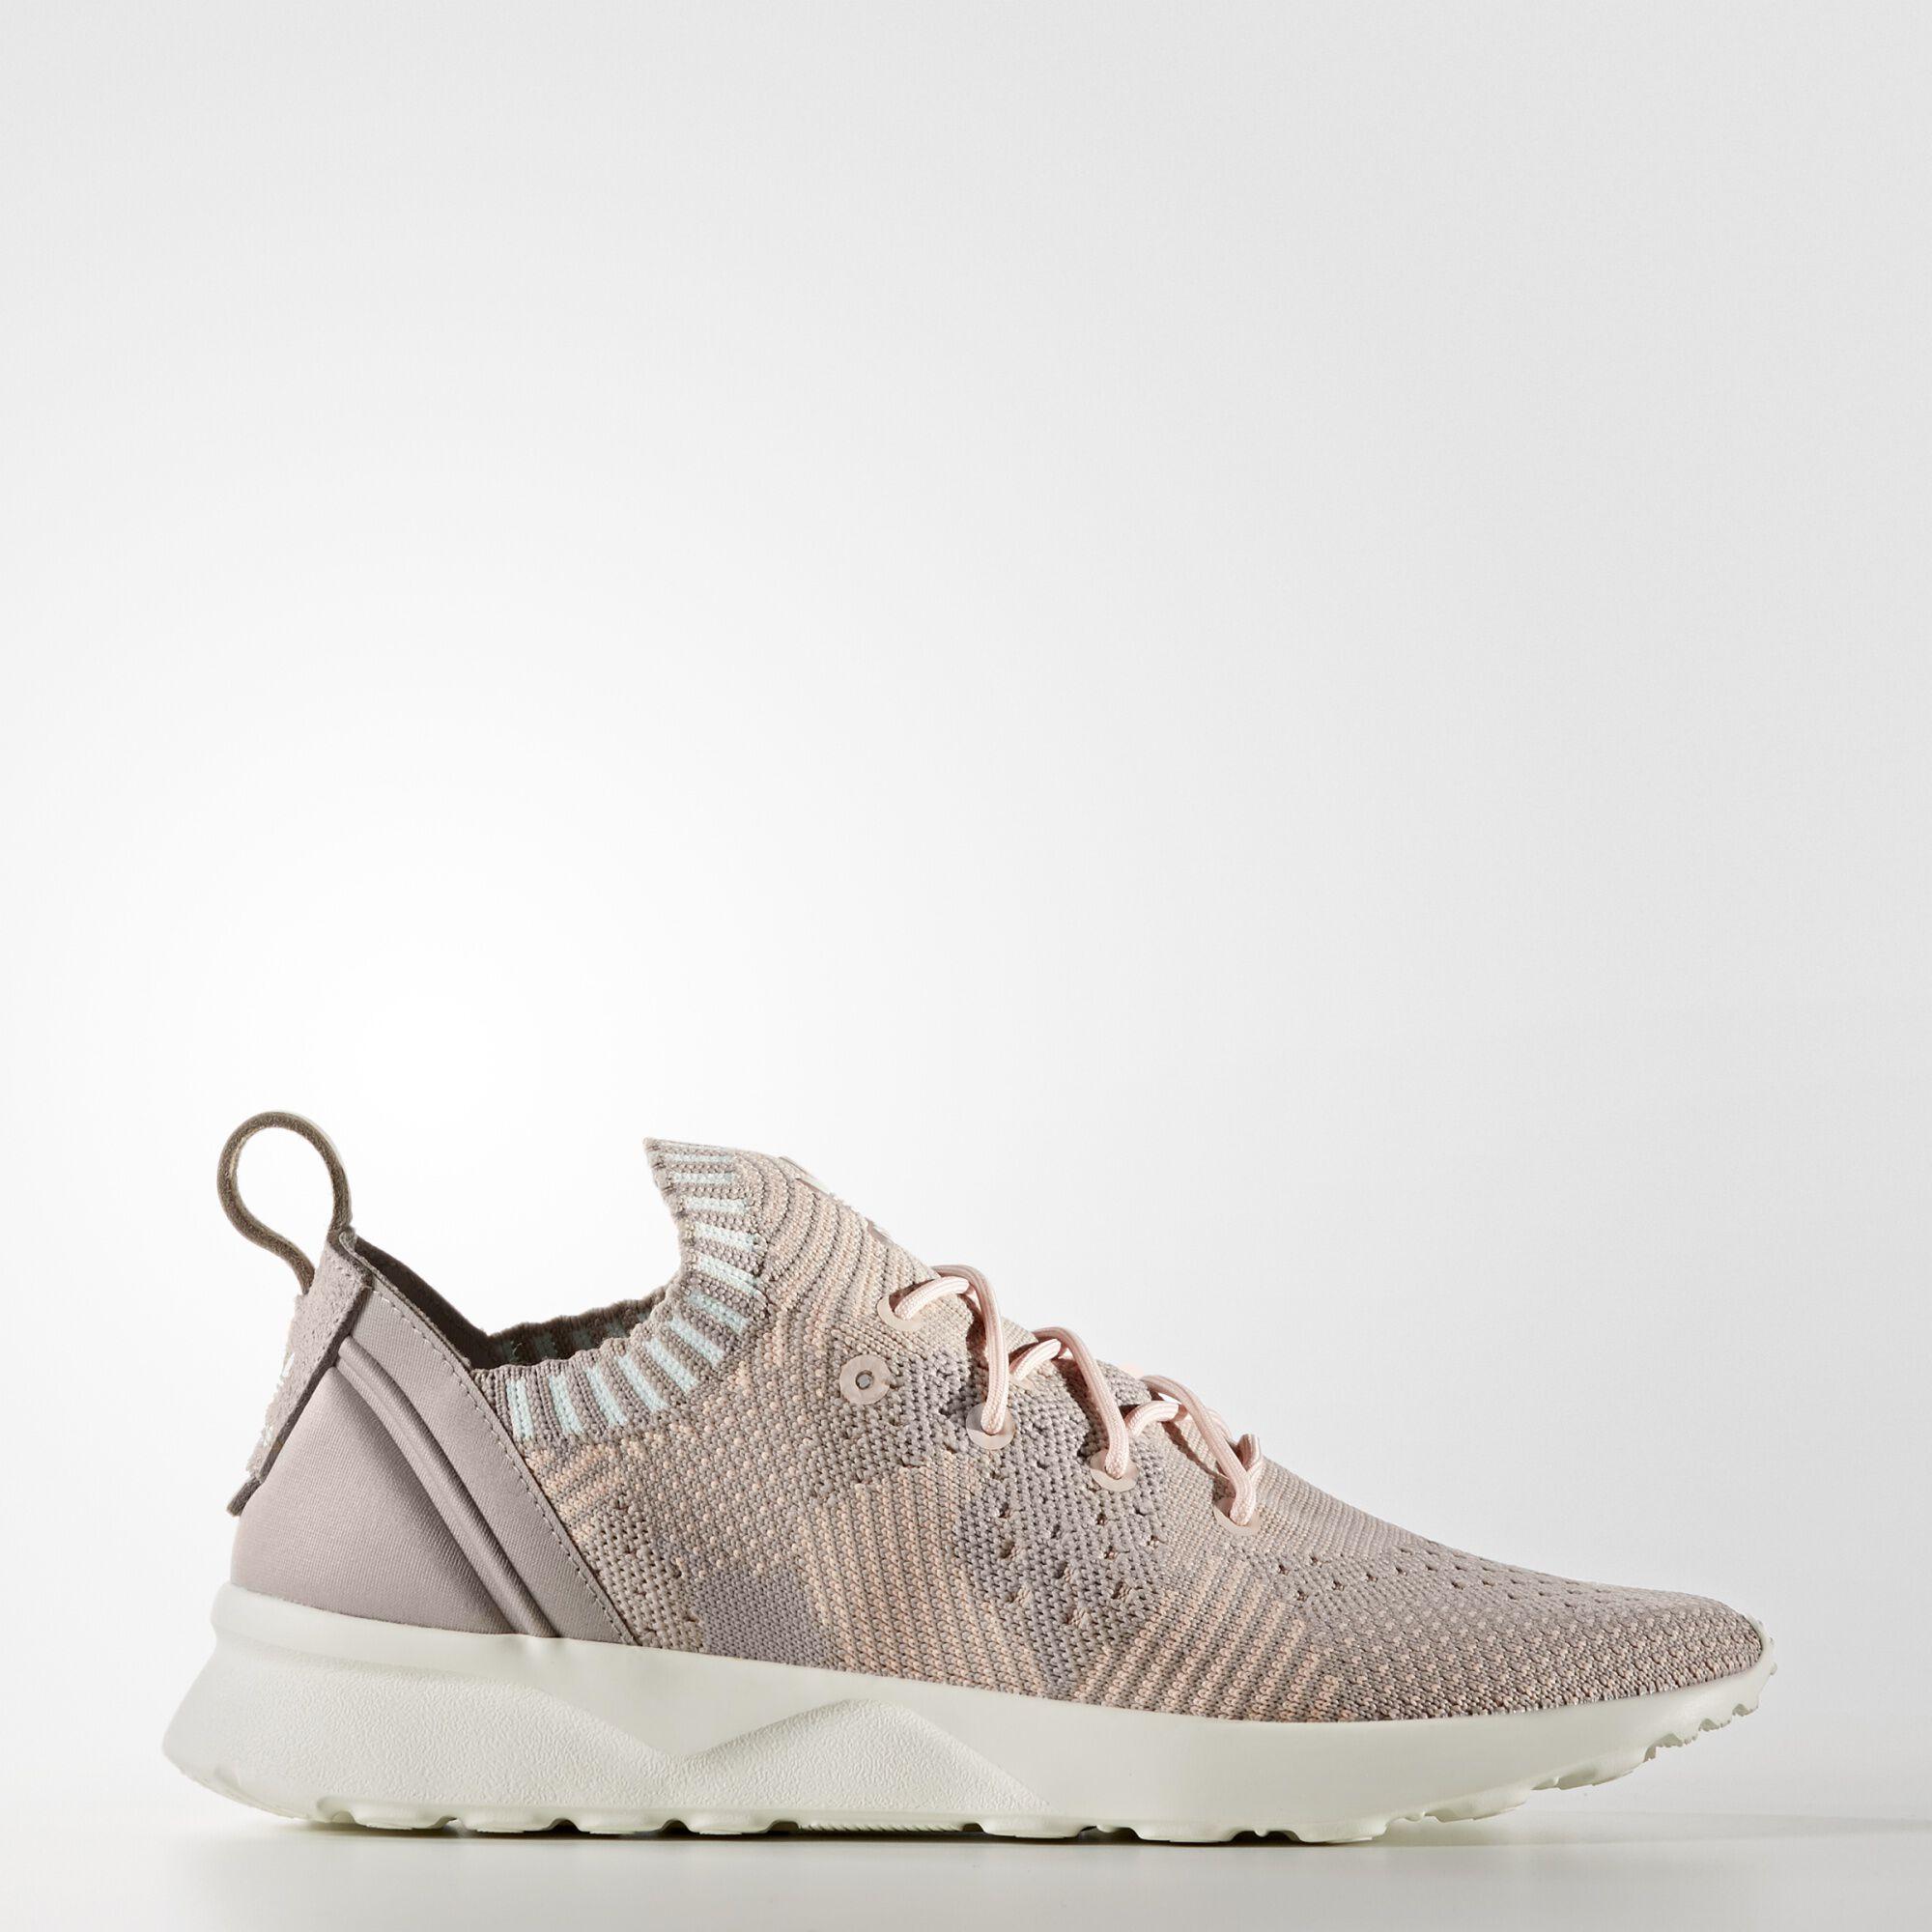 Adidas Zx Flux Descuento billigt